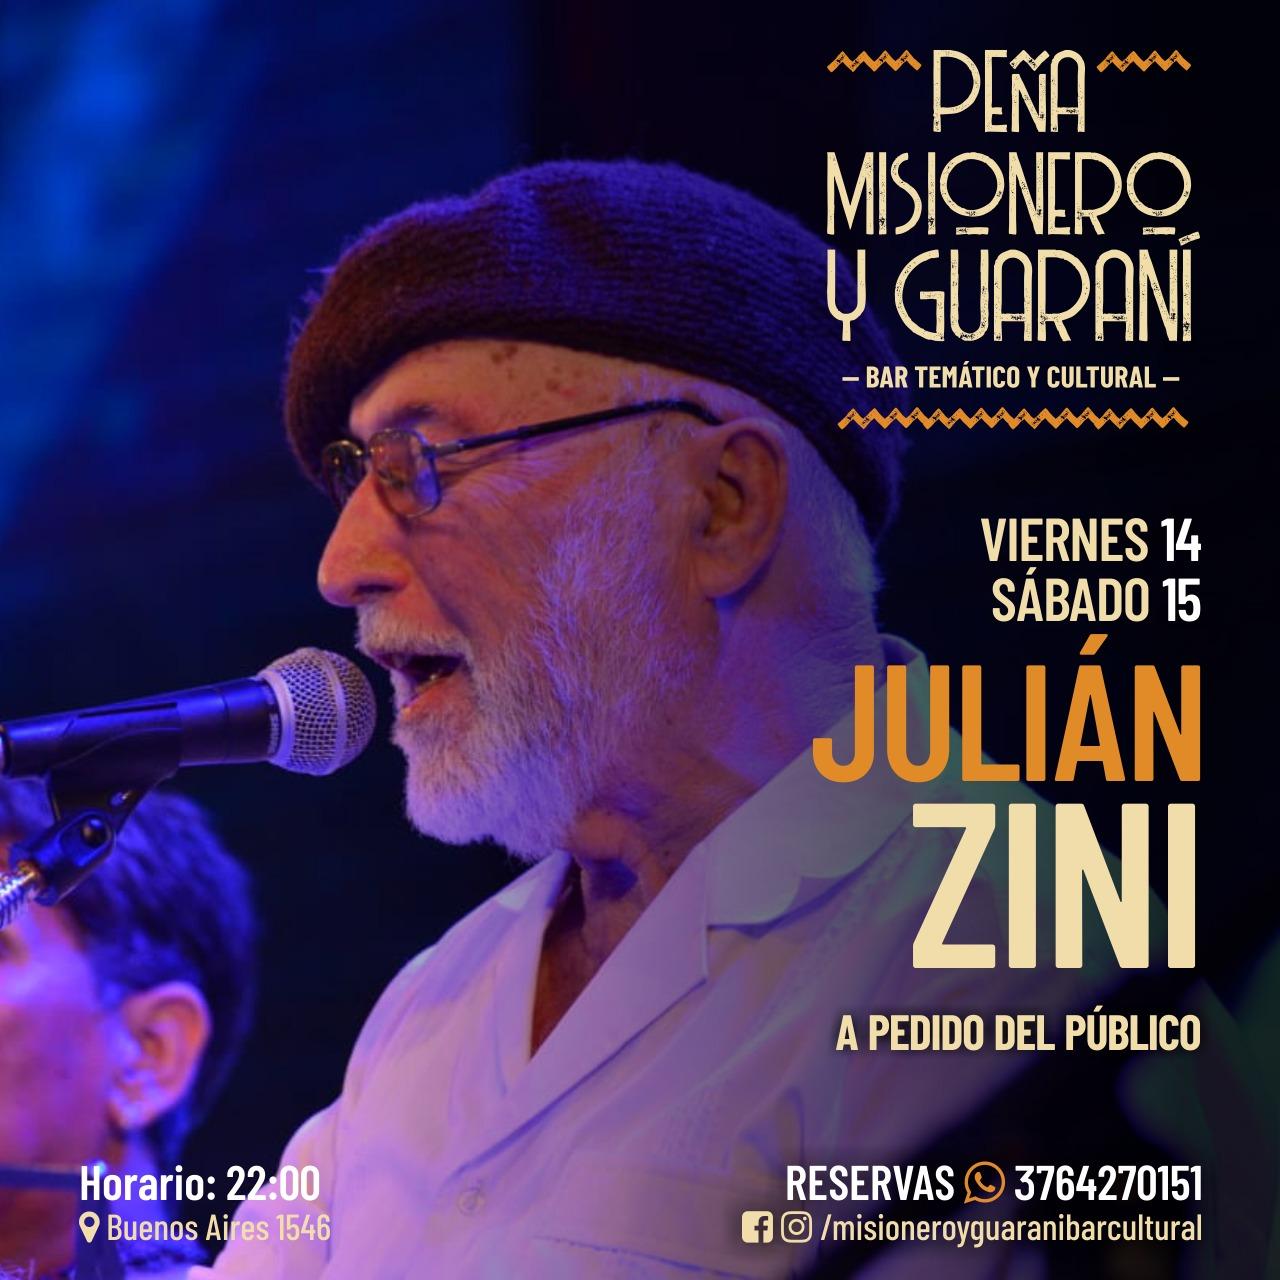 Julián Zini este viernes y sábado en Misionero y Guaraní